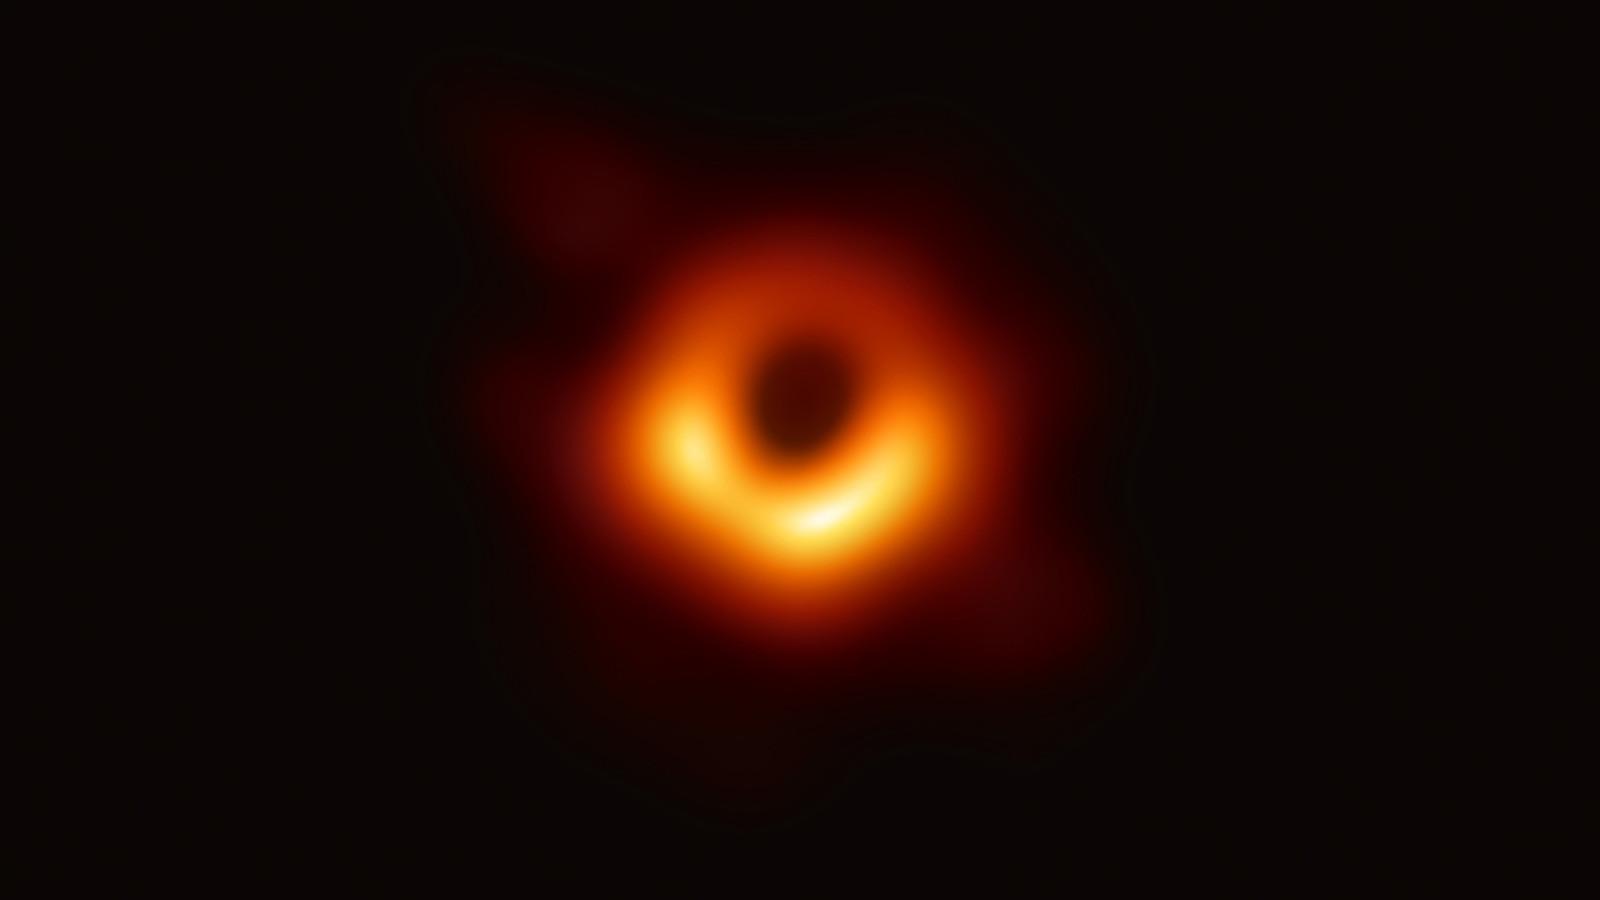 إنجاز علمي غير مسبوق.. الكشف عن أول صورة لثقب أسود